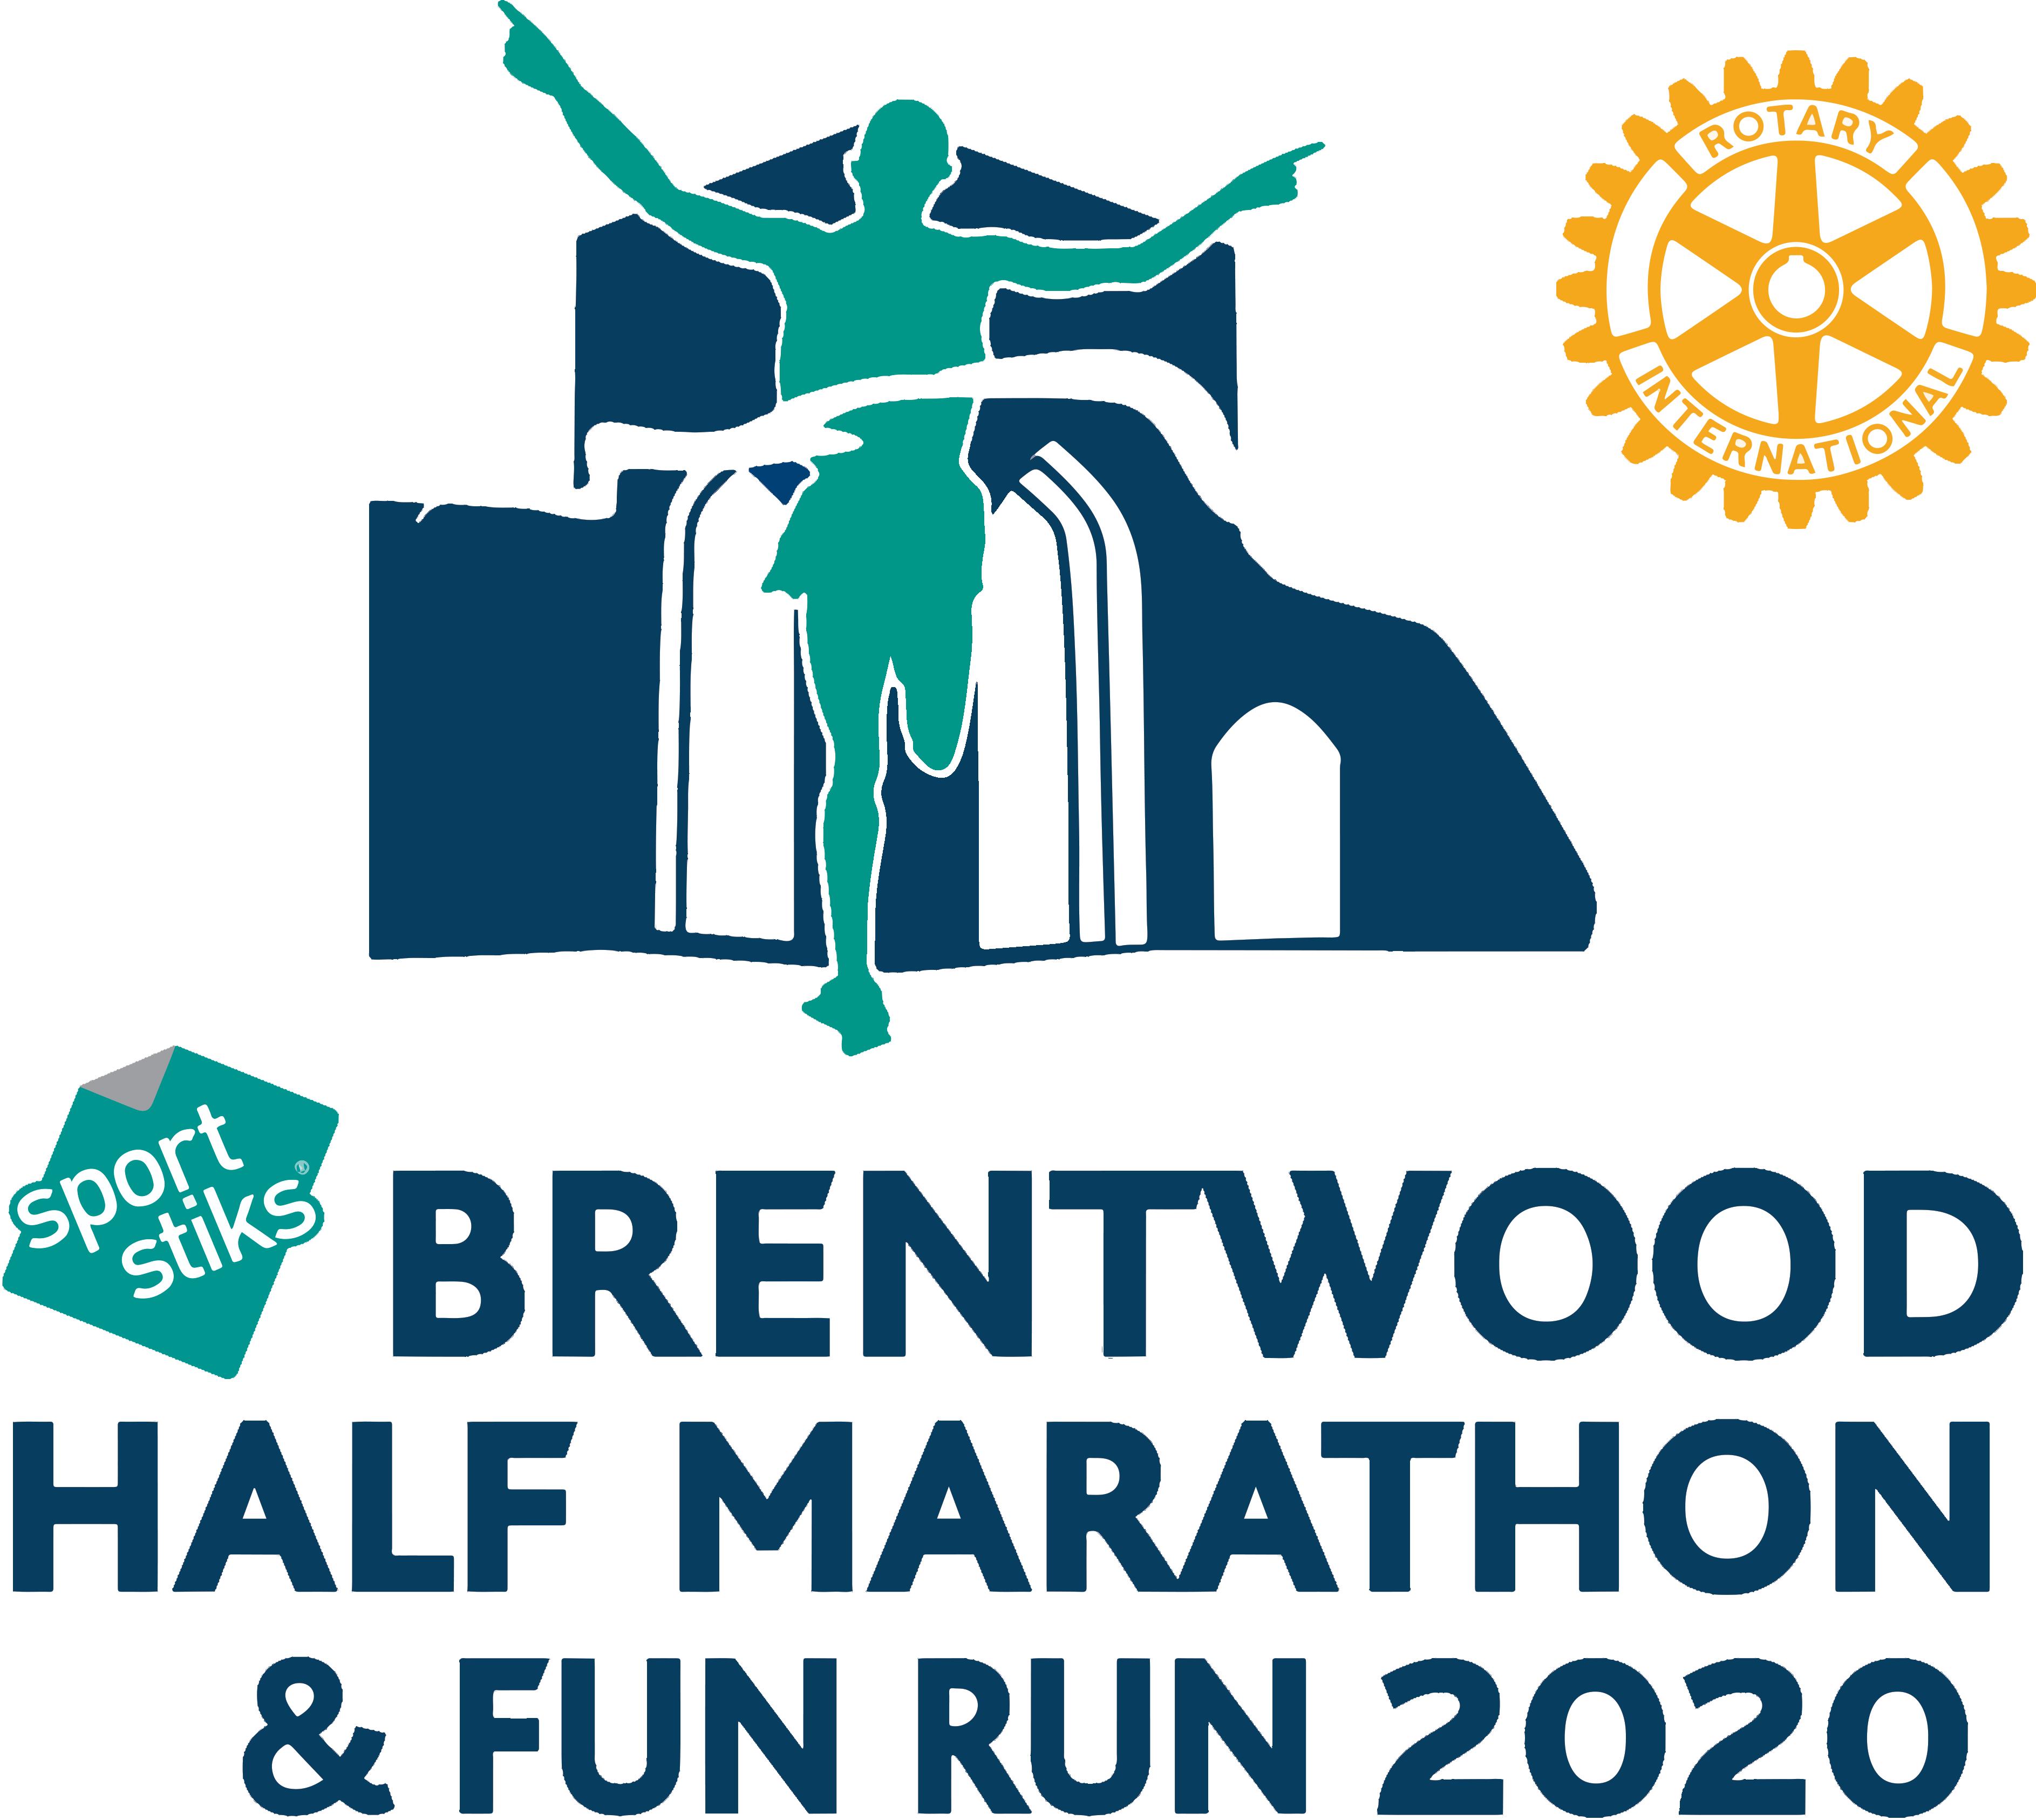 Brentwood Half Marathon Logo